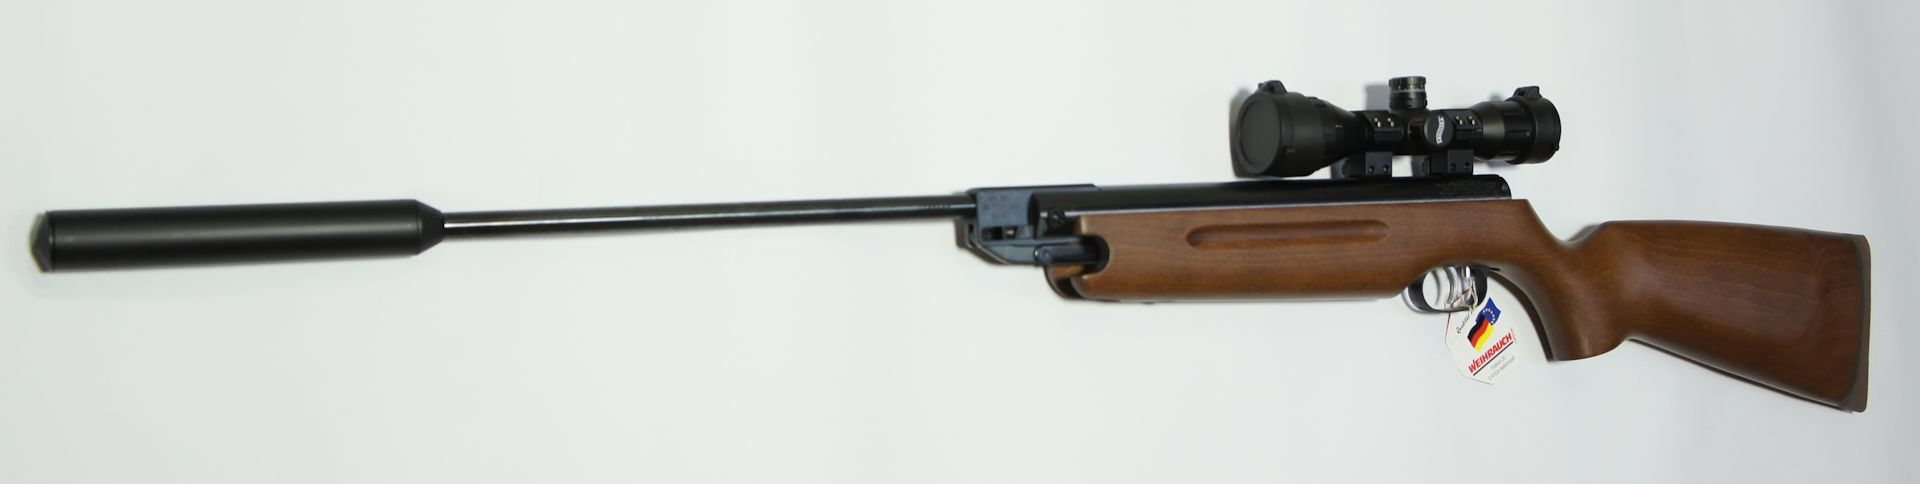 HW35 Luftgewehr mit Schalldämpfer und Zielfernrohr